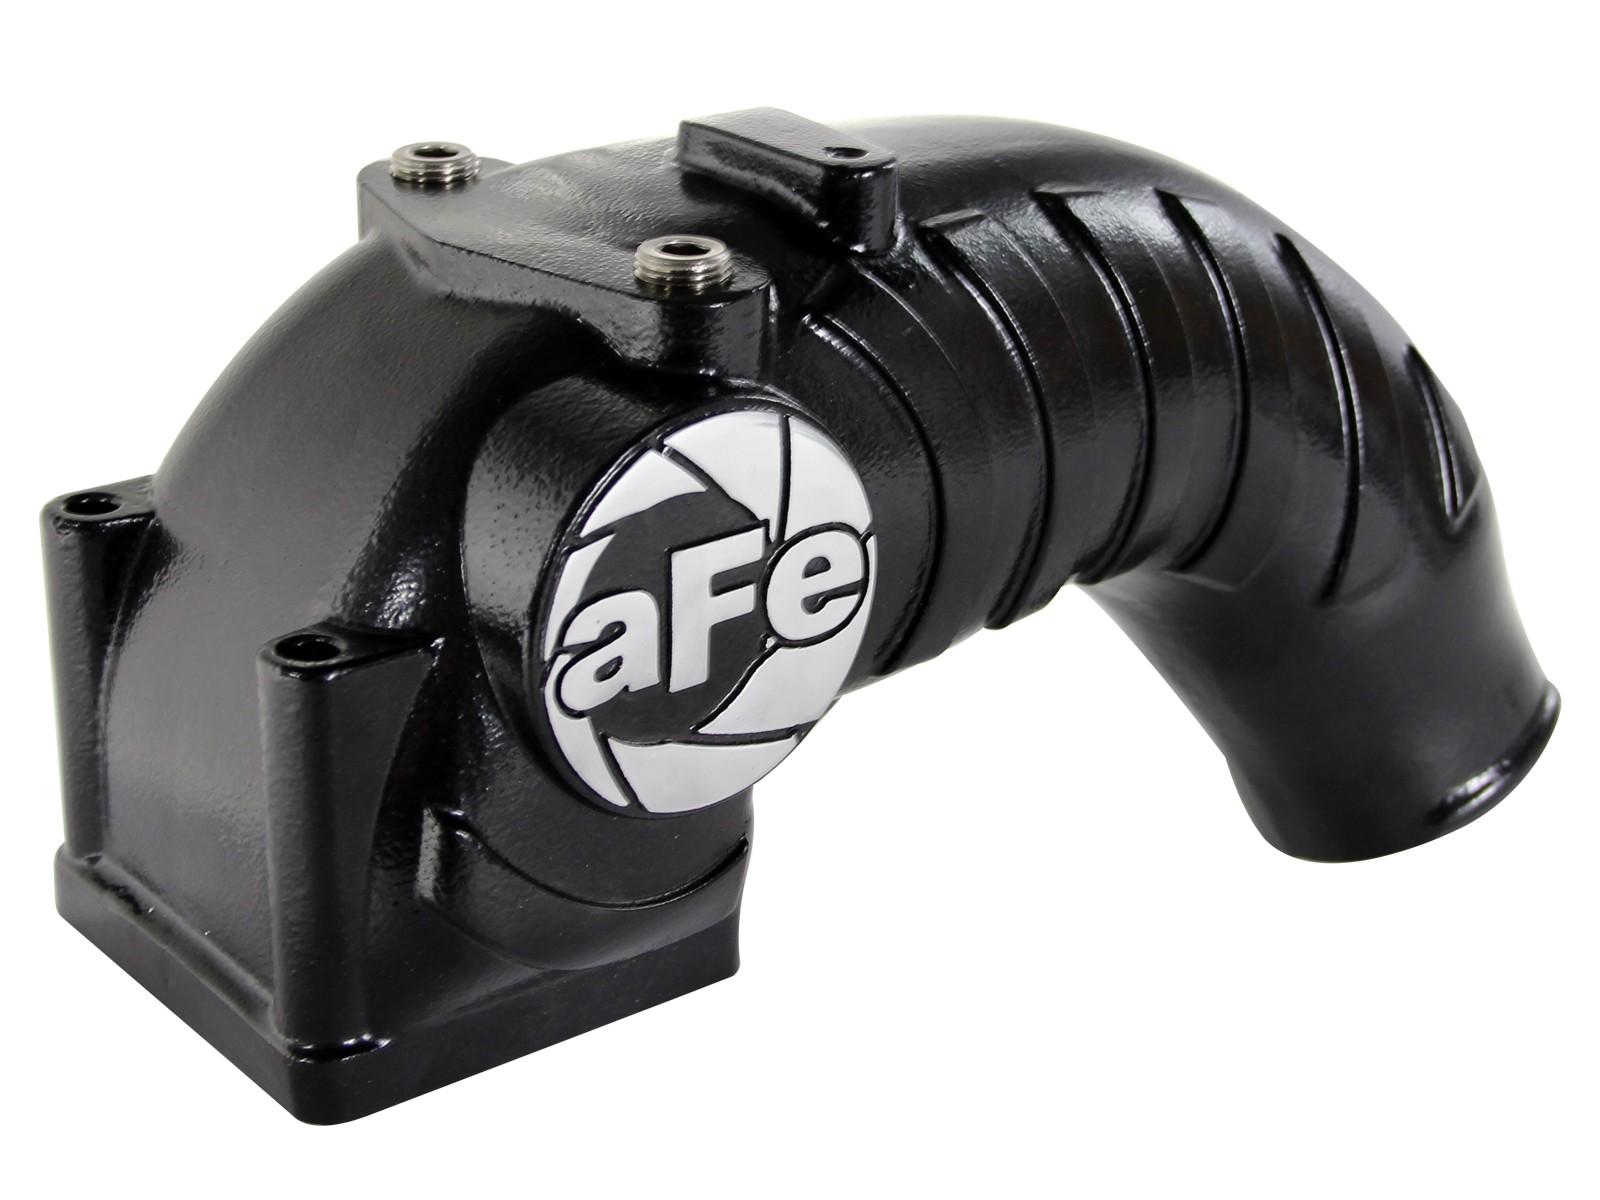 aFe POWER 46-10011 BladeRunner Intake Manifold